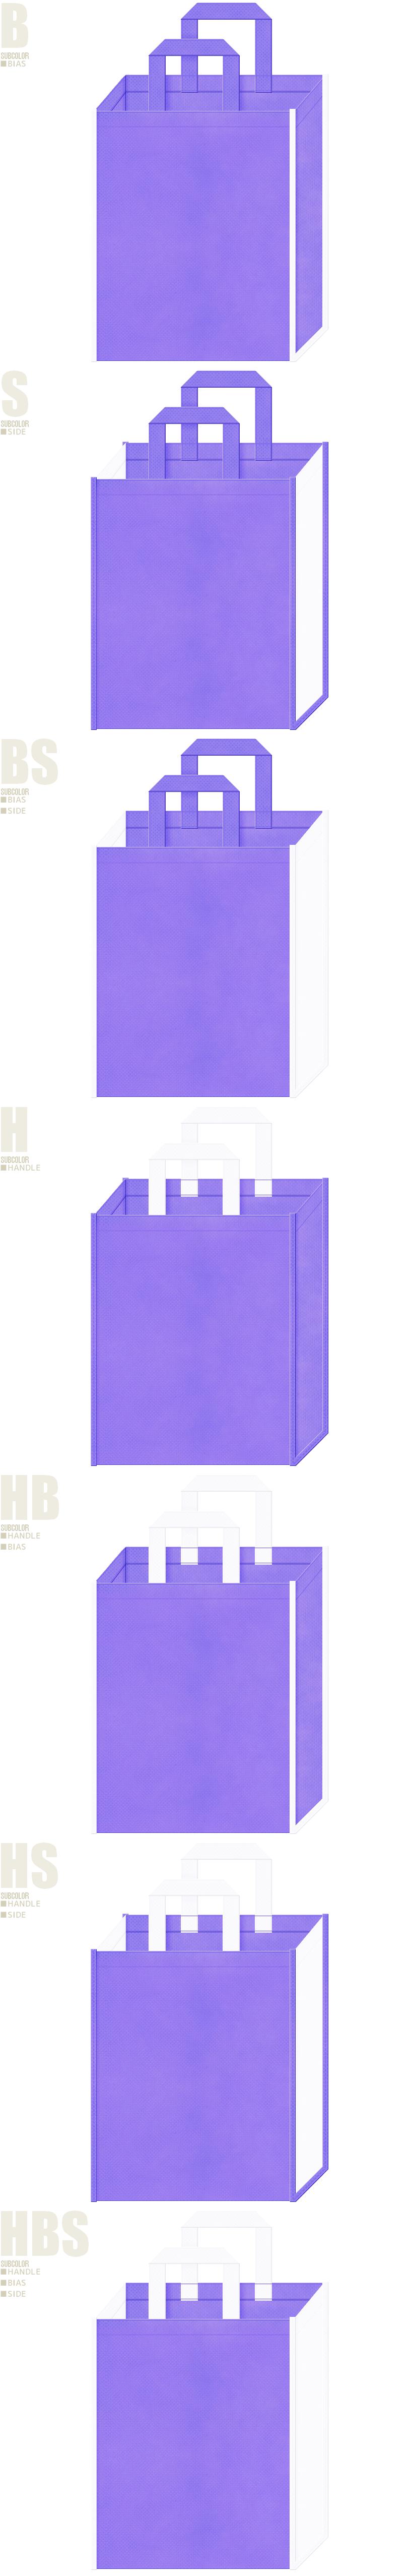 薄紫色と白色の配色7パターン:不織布トートバッグのデザイン。クール・清潔・衛生・医療・歯科のイメージにお奨めの配色です。